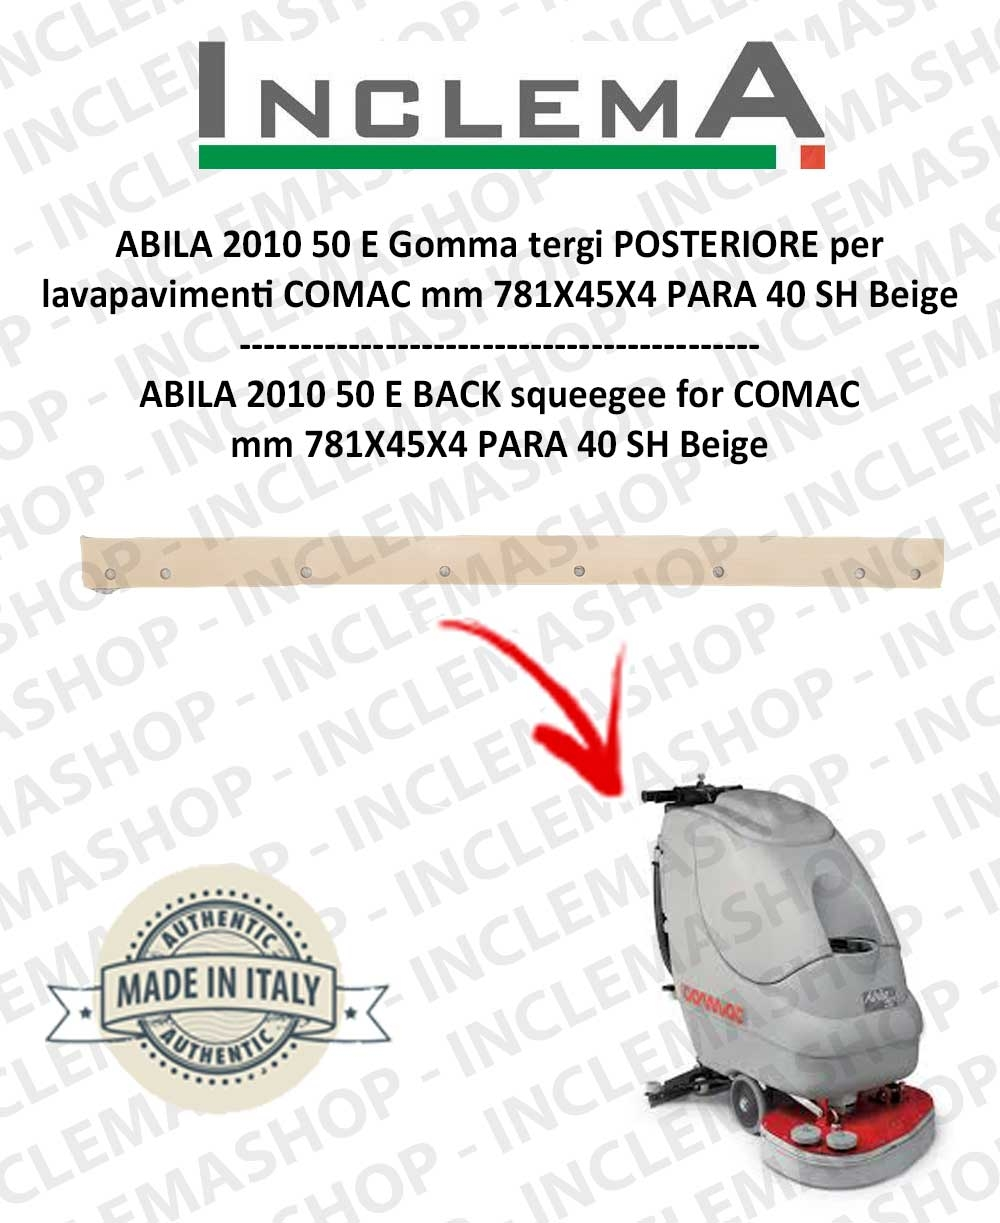 ABILA 50 E Gomma tergi POSTERIORE per lavapavimenti COMAC Old Alluminium Sq. 111011125